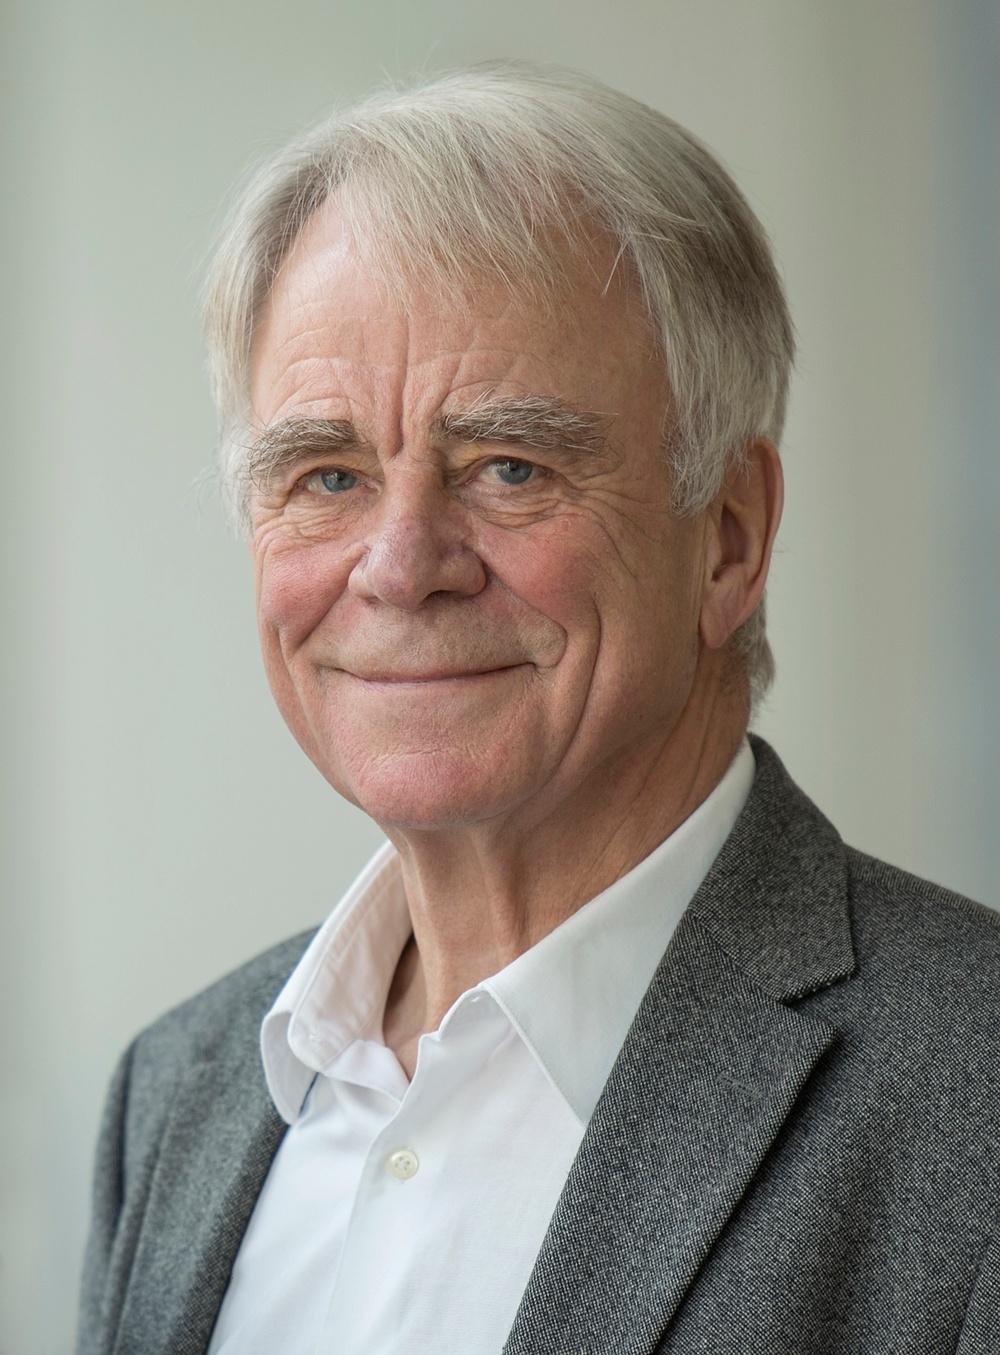 Björn Sprängare, ordförande i Stiftelsen Skogssällskapets styrelse under åren 2004-2021. Foto: Håkan Flank